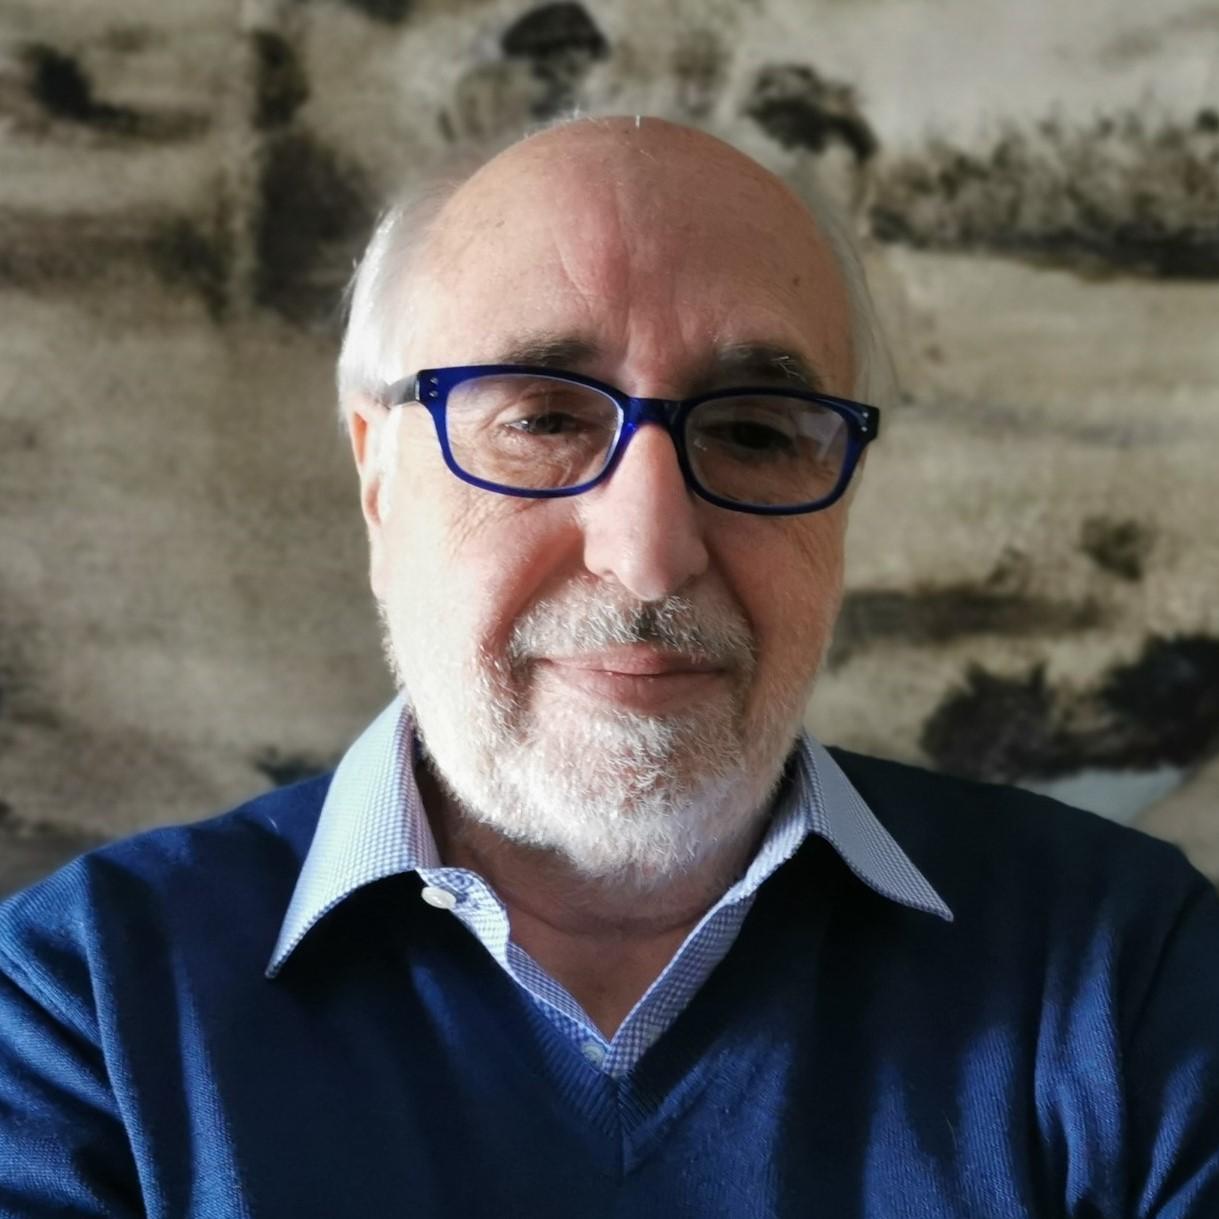 Fabrizio Viscardi